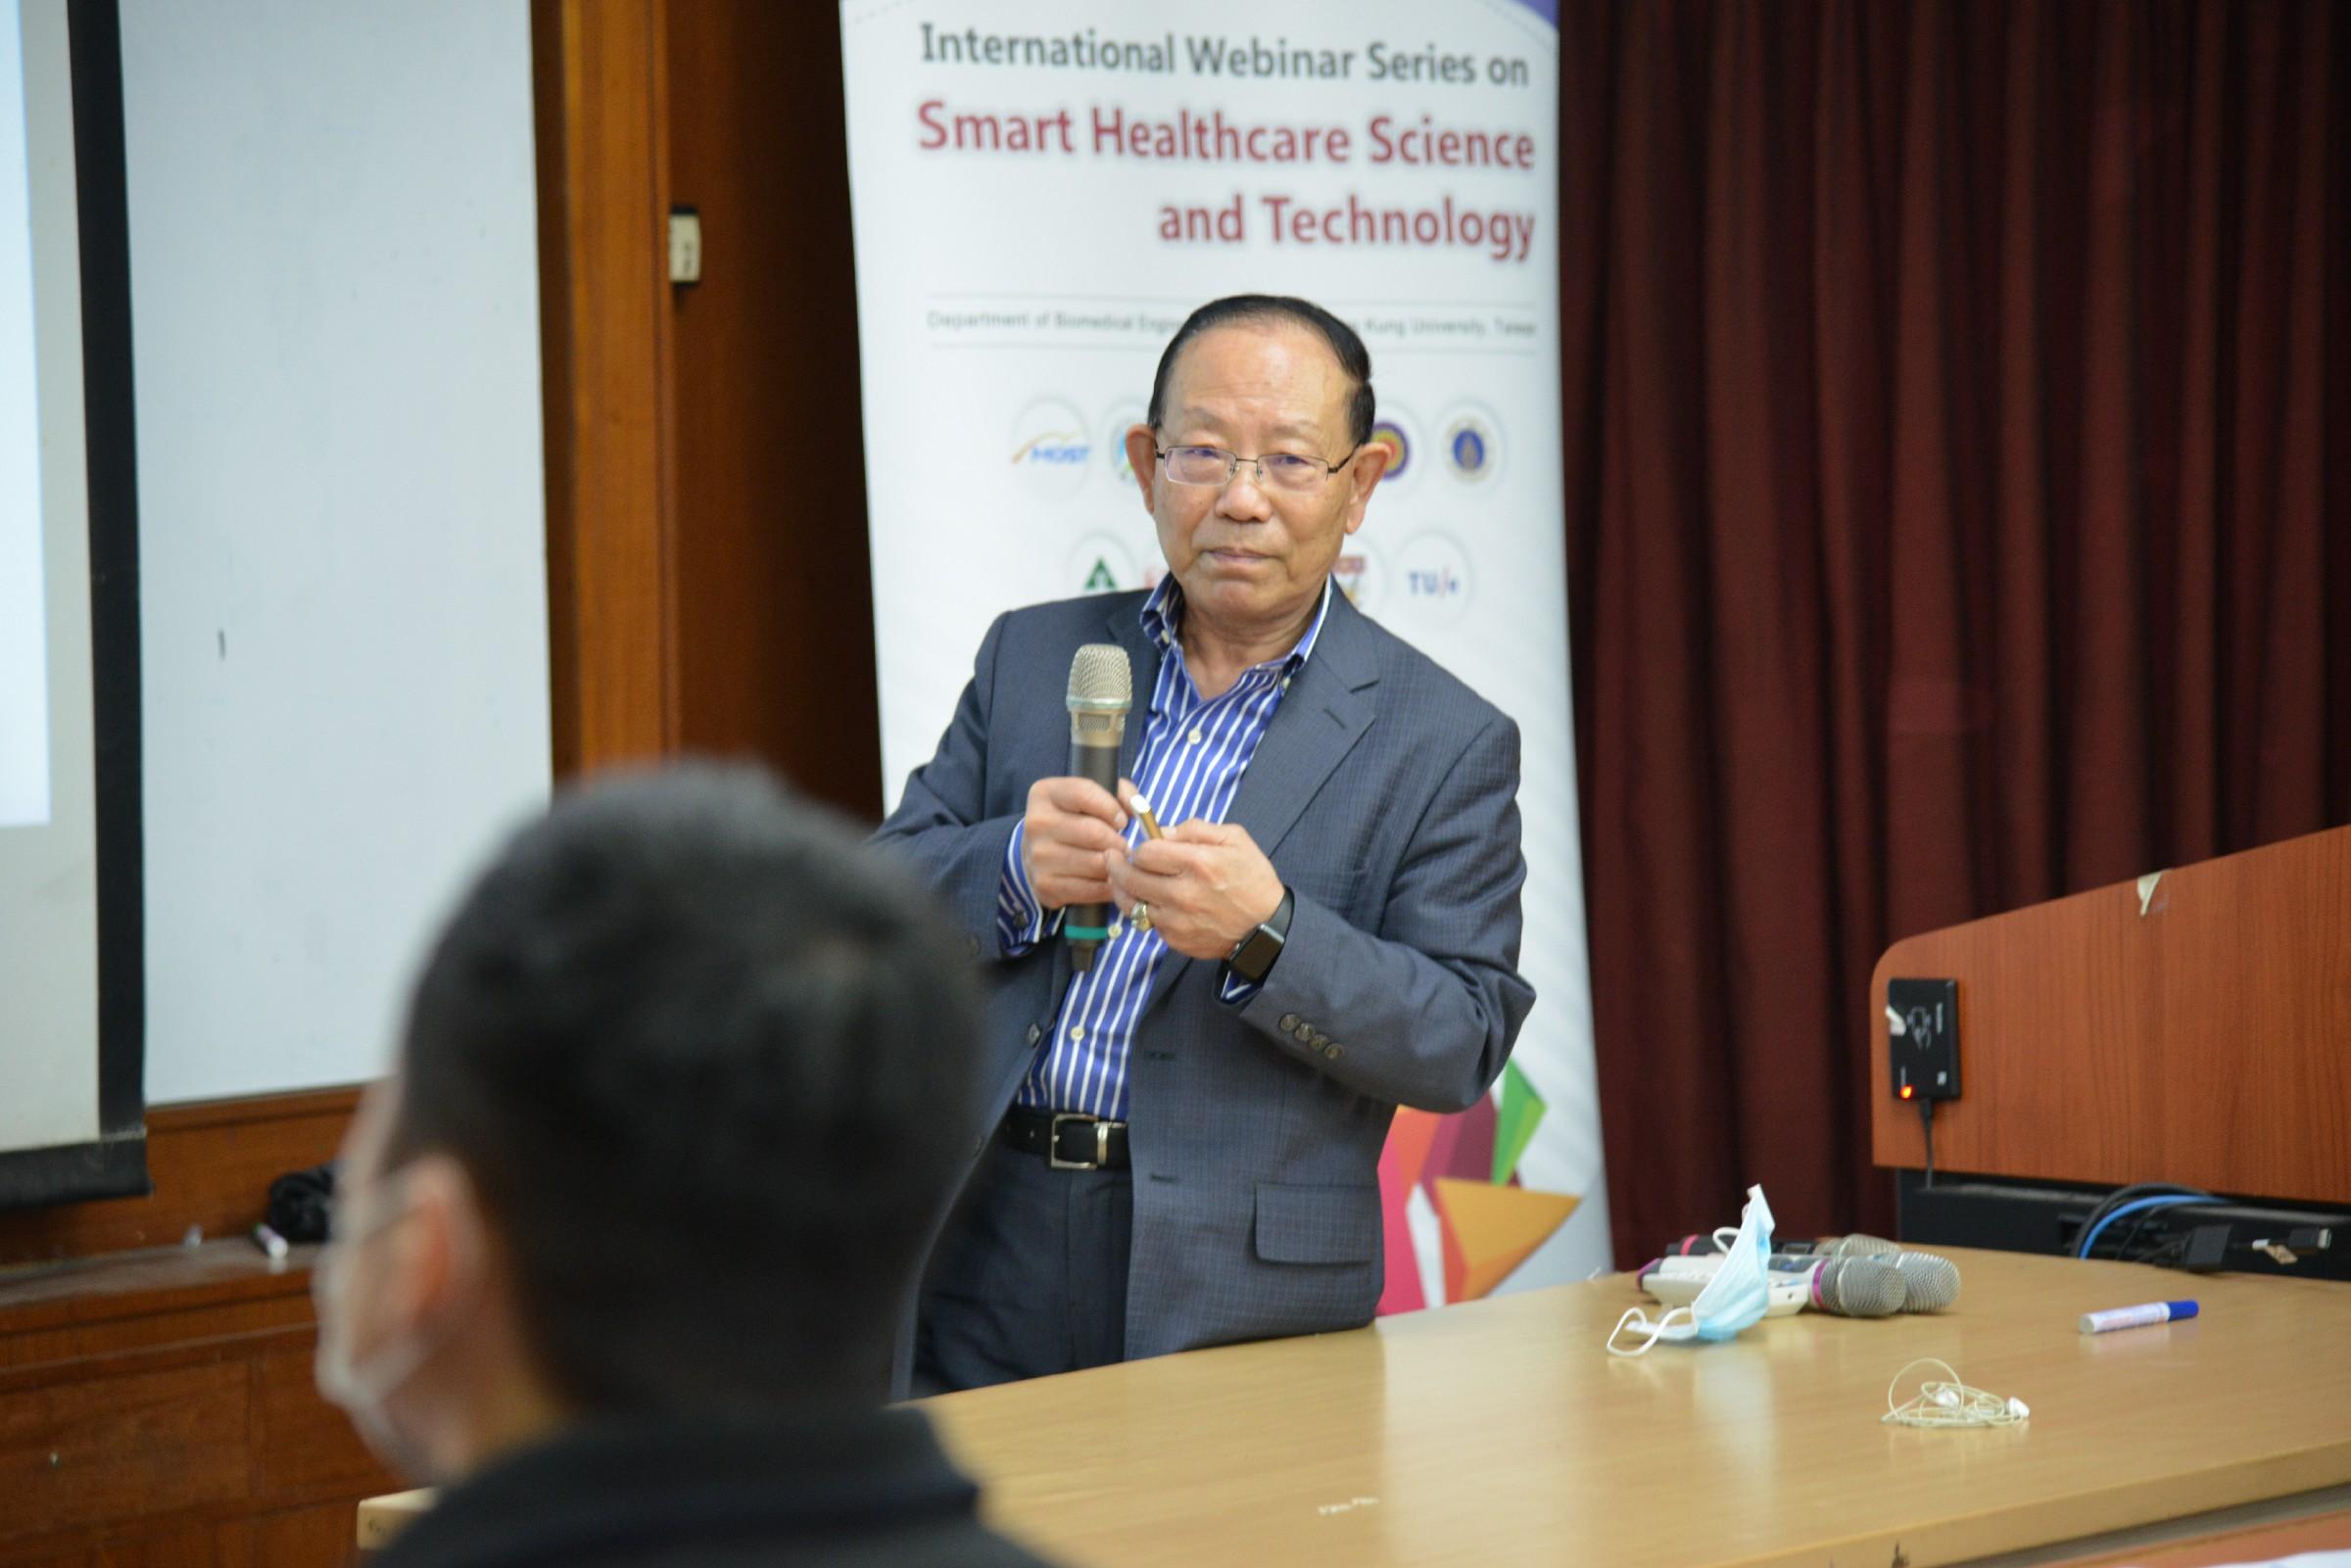 臺泰智慧醫療國際視訊會議:破壞式創新科技的醫療契機的標題圖片